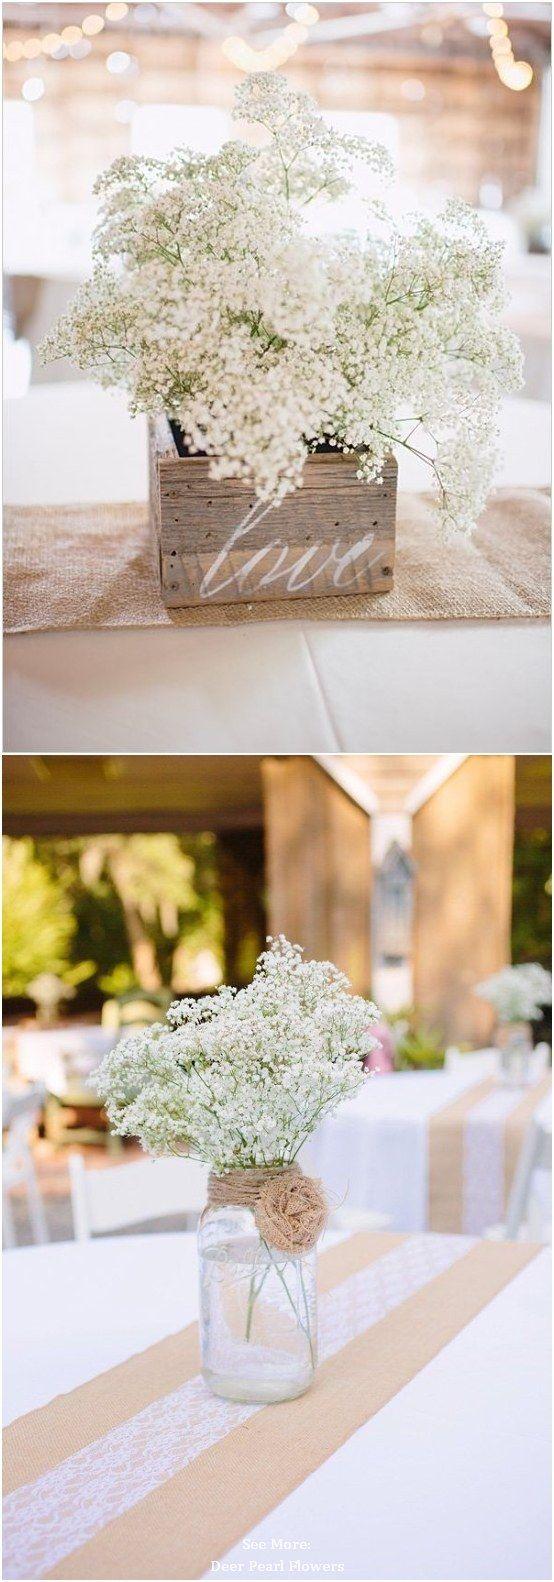 babyus breath wedding ideas for rustic weddings babys